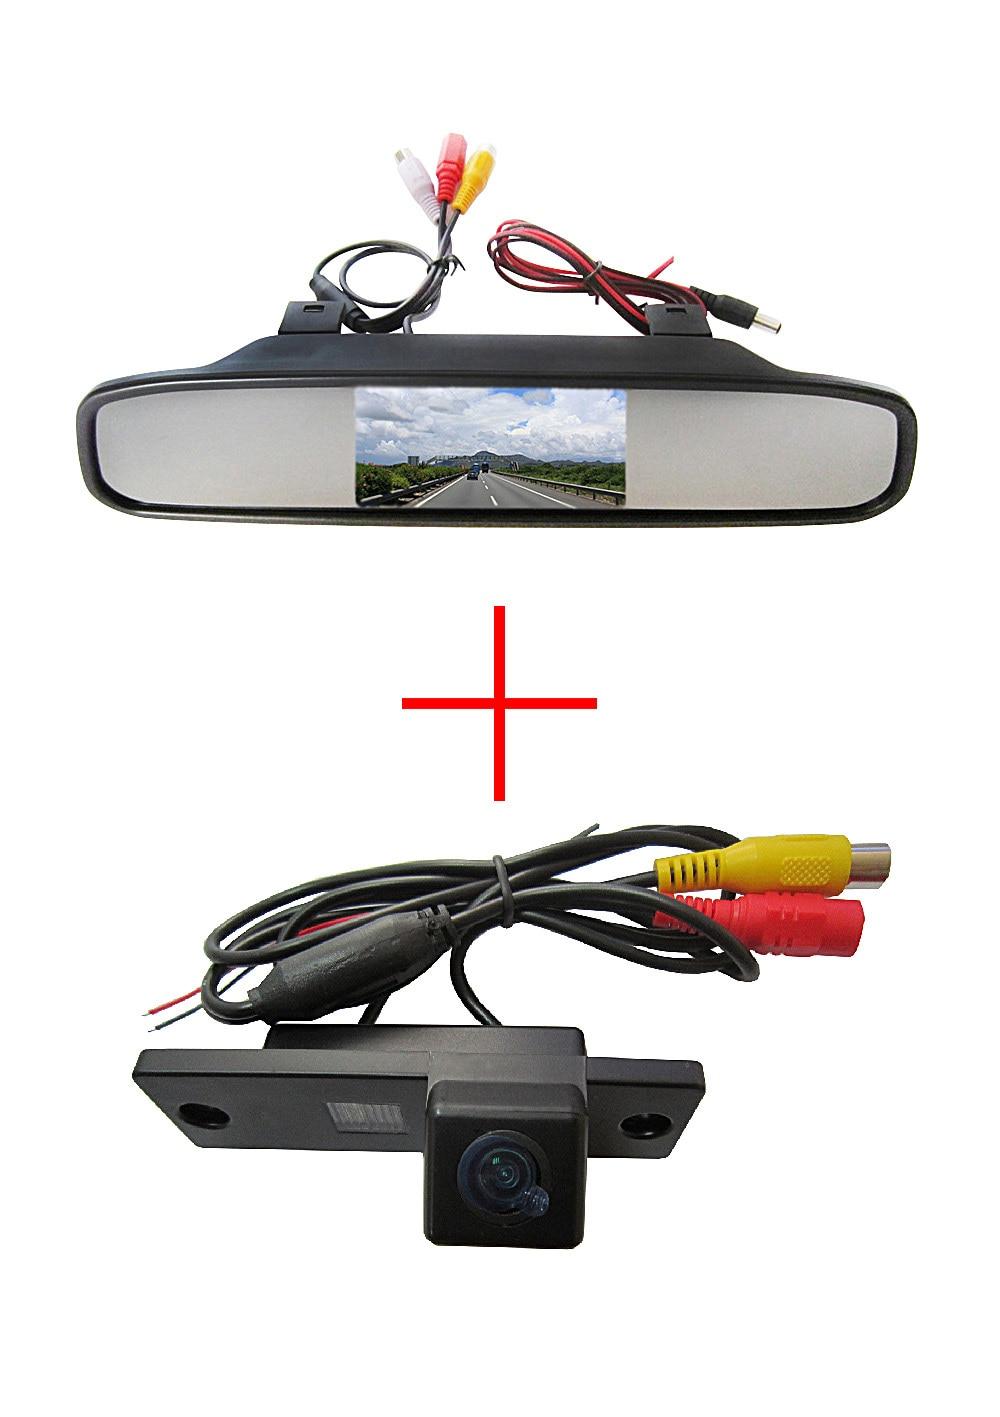 Sans fil WIFI CCD Caméra de Vue Arrière de Voiture pour Toyota 4runner/Land Cruiser Prado 2010, avec 4.3 Pouces Moniteur de Miroir de vue Arrière